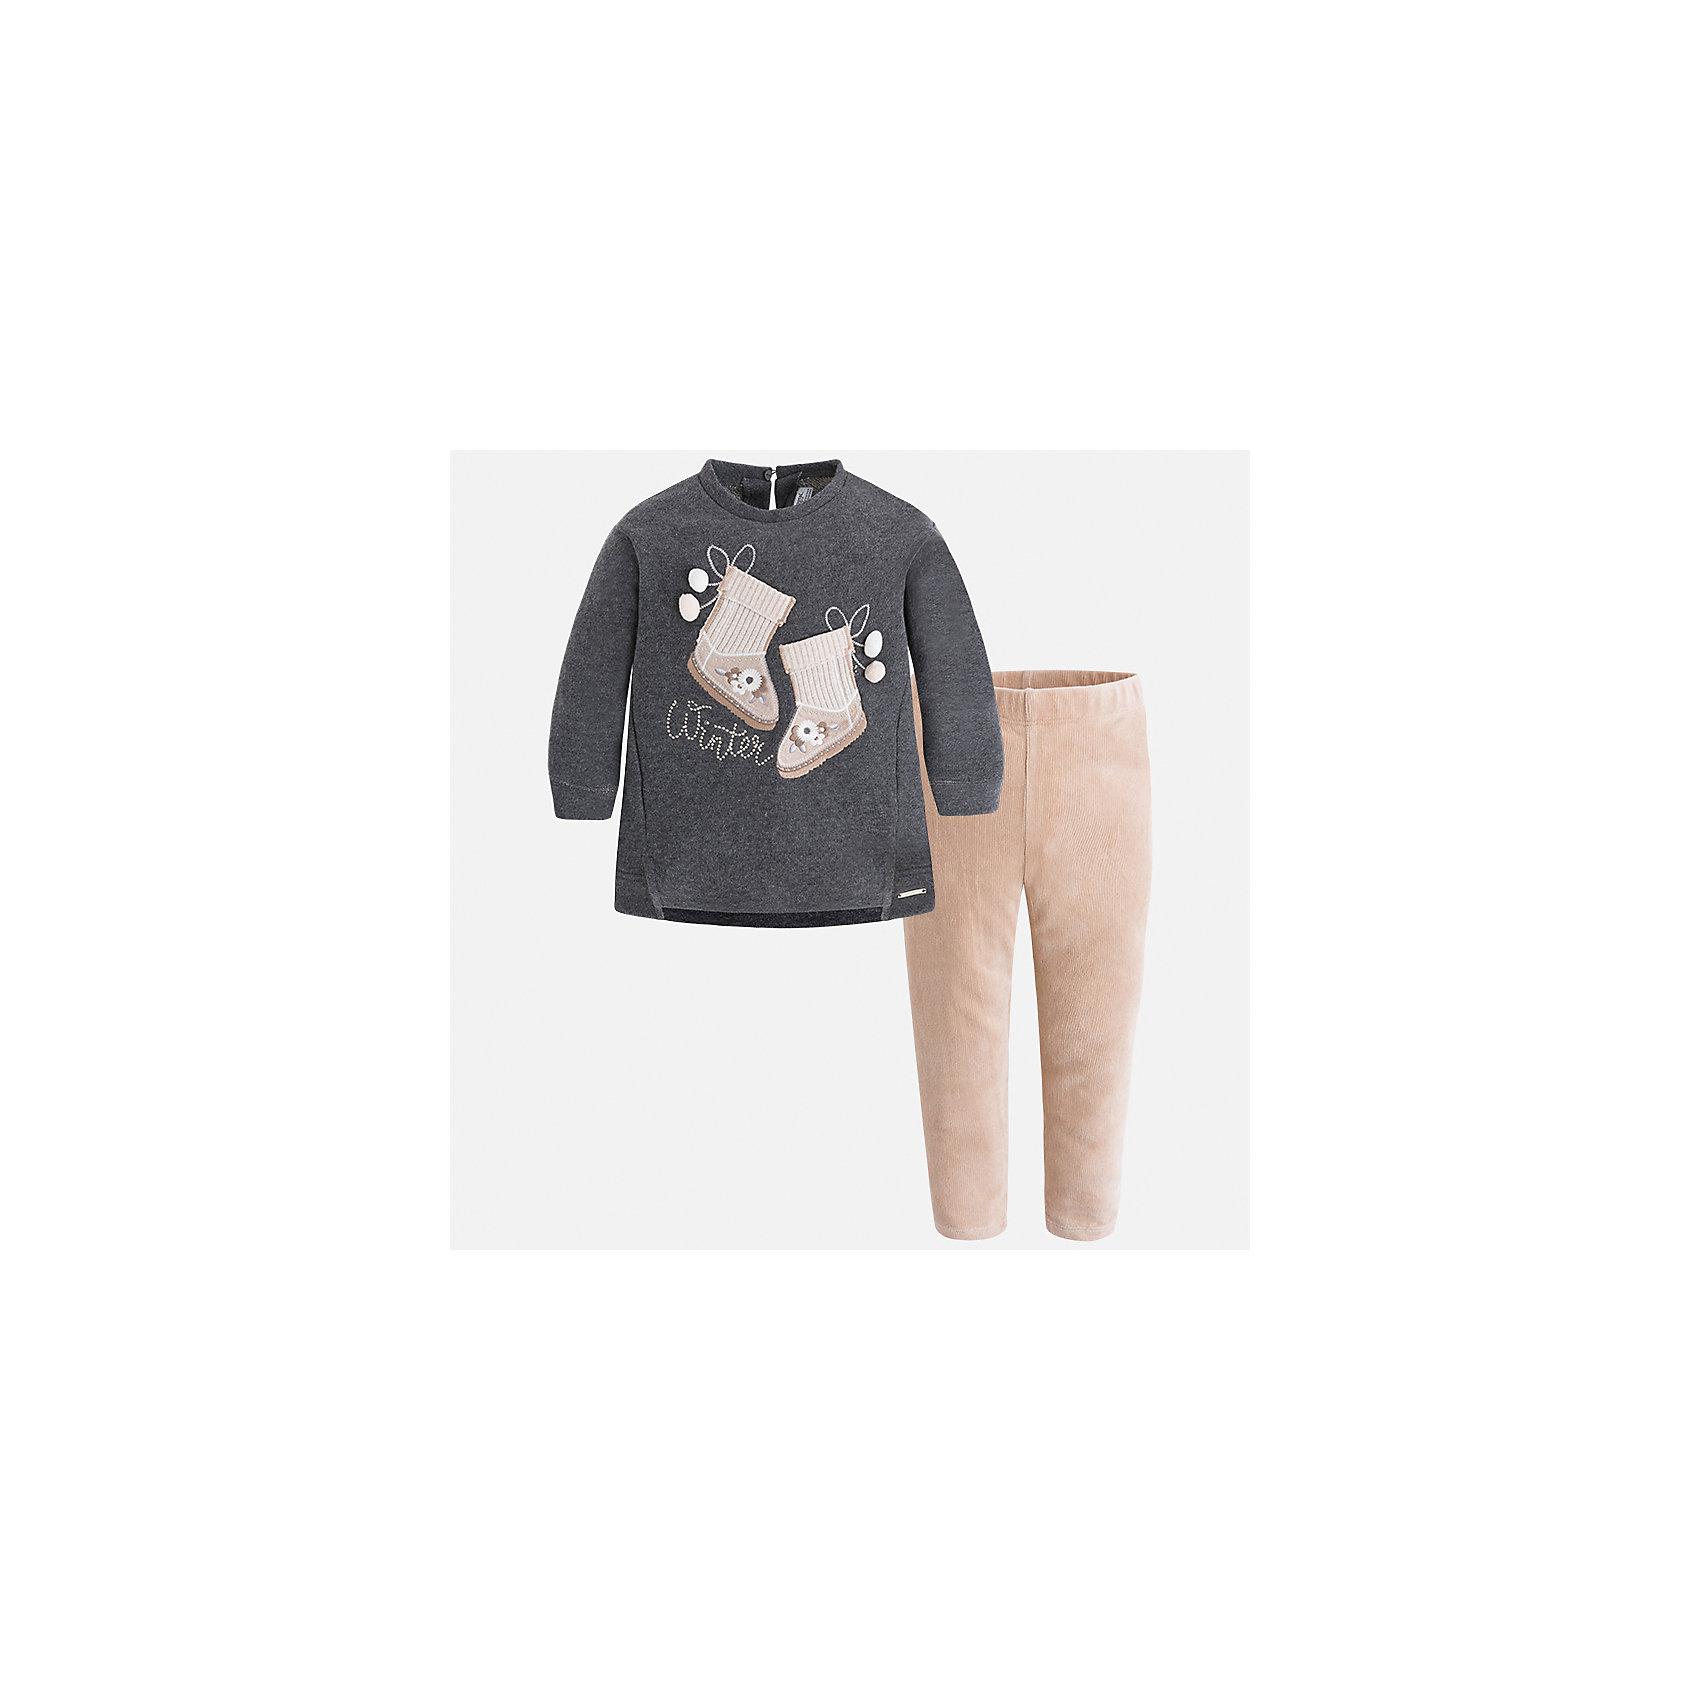 Комплект: футболка с длинным рукавом и леггинсы Mayoral для девочкиКомплекты<br>Характеристики товара:<br><br>• цвет: серый<br>• комплектация: блузка и леггинсы<br>• состав ткани леггинсов: 55% хлопок, 40% полиэстер, 5% эластан<br>• состав ткани блузки: 60% хлопок, 40% полиэстер<br>• длинные рукава<br>• застежка: пуговица<br>• пояс: резинка<br>• сезон: круглый год<br>• страна бренда: Испания<br>• страна изготовитель: Индия<br><br>Комфортный детский комплект от известного испанского бренда Mayoral состоит из модной блузки с принтом и однотонных эластичных леггинсов. Такое сочетание является очень актуальным в наступающем сезоне.<br><br>Детская одежда от испанской компании Mayoral отличаются оригинальным и всегда стильным дизайном. Качество продукции неизменно очень высокое.<br><br>Комплект: блузка и леггинсы для девочки Mayoral (Майорал) можно купить в нашем интернет-магазине.<br><br>Ширина мм: 123<br>Глубина мм: 10<br>Высота мм: 149<br>Вес г: 209<br>Цвет: серый<br>Возраст от месяцев: 96<br>Возраст до месяцев: 108<br>Пол: Женский<br>Возраст: Детский<br>Размер: 134,92,98,104,110,116,122,128<br>SKU: 6922733